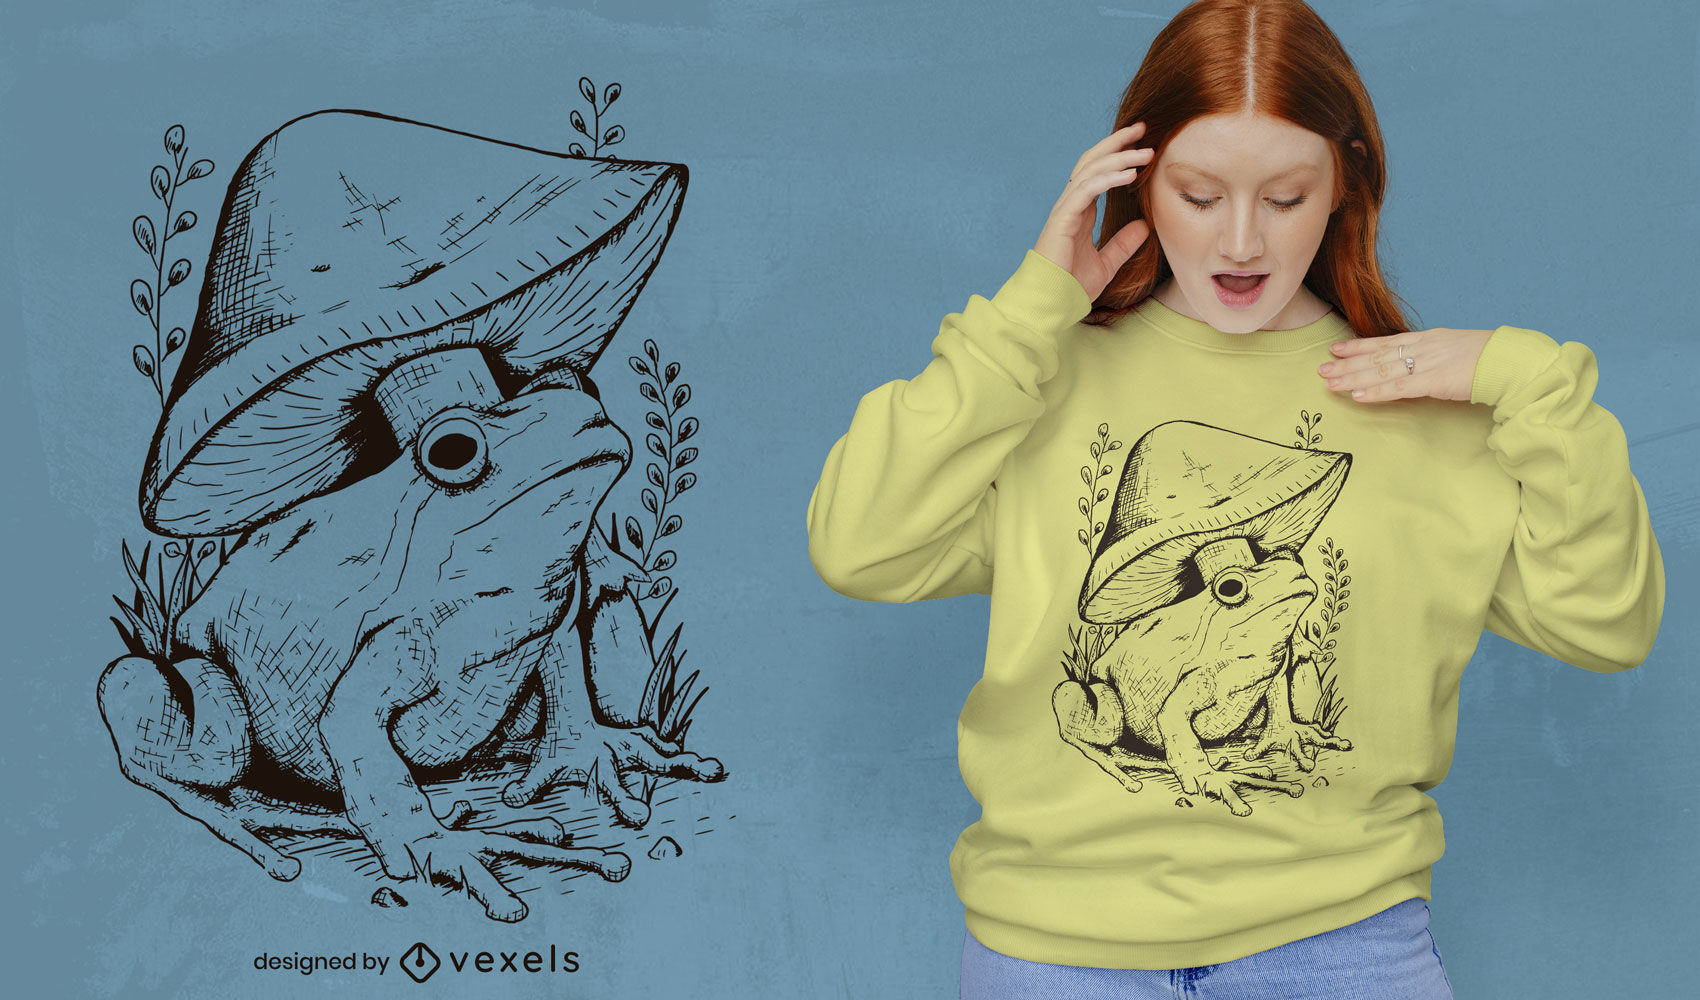 Dise?o de camiseta de rana y hongo.